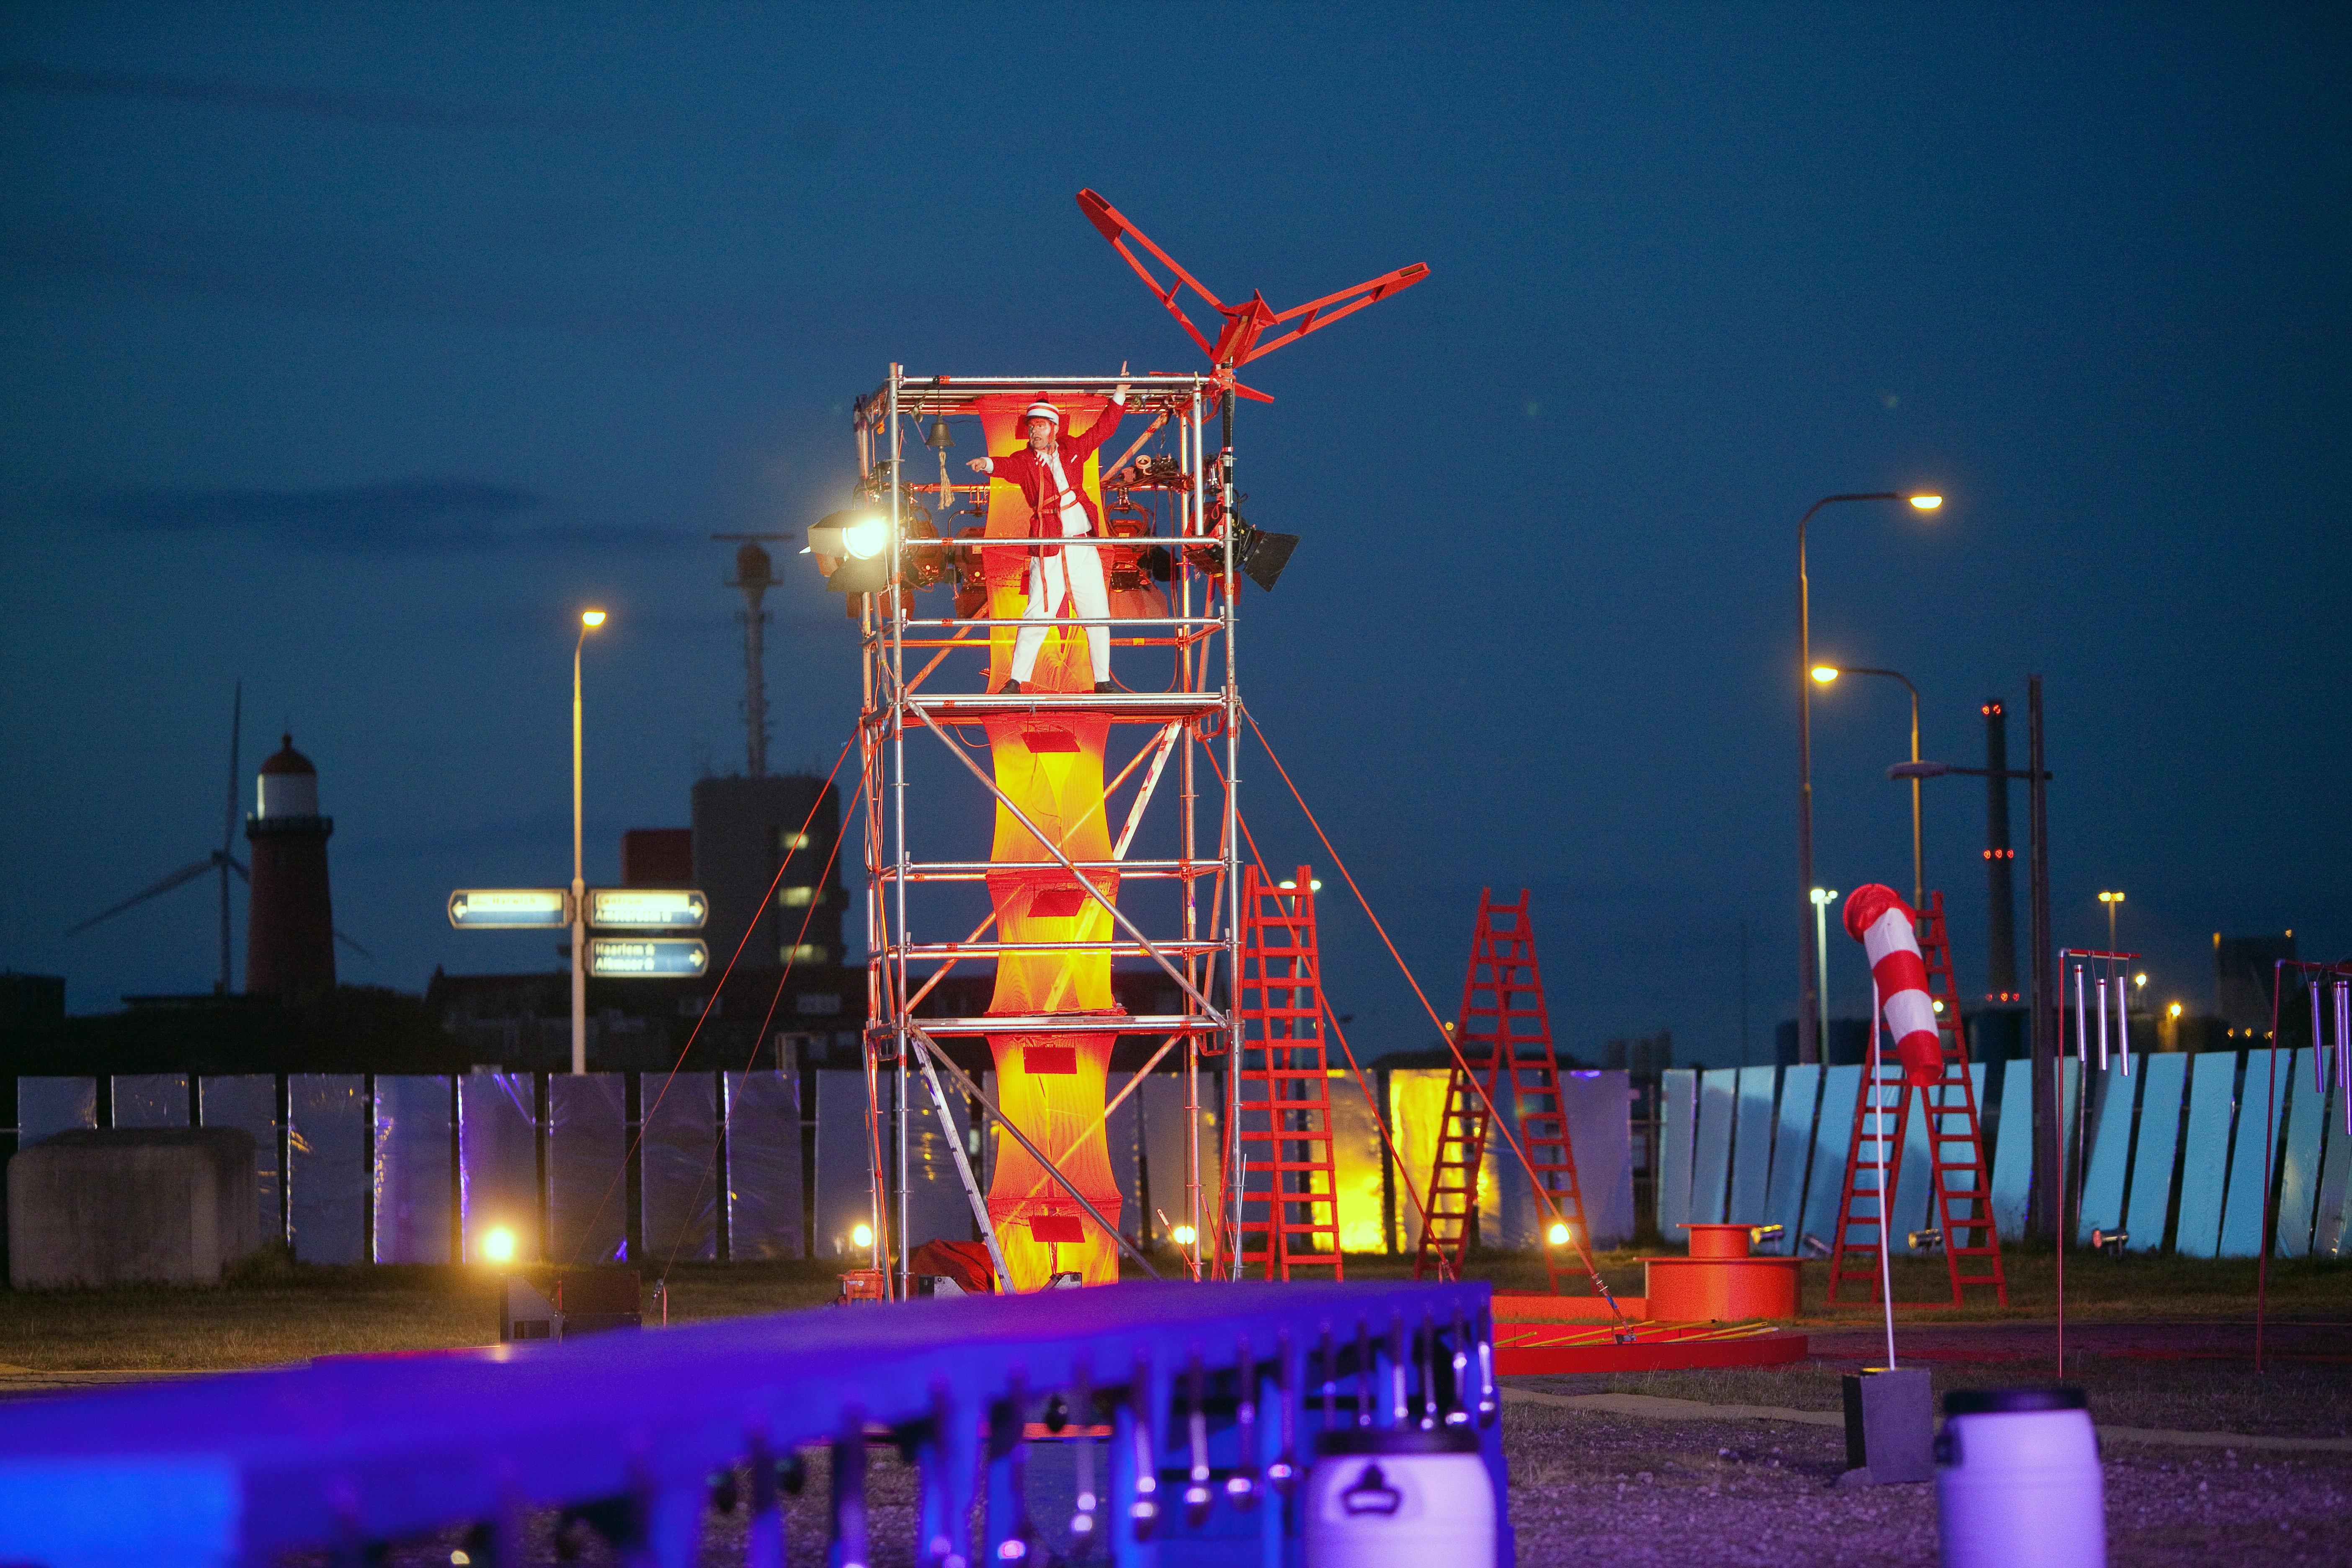 Theatermanifestatie IJmond 2021 wordt 'spannende' aflevering midden in Beverwijkse centrum: liefst 150 vrijwilligers uit de regio doen mee. Hoe doen ze dat in coronatijd?